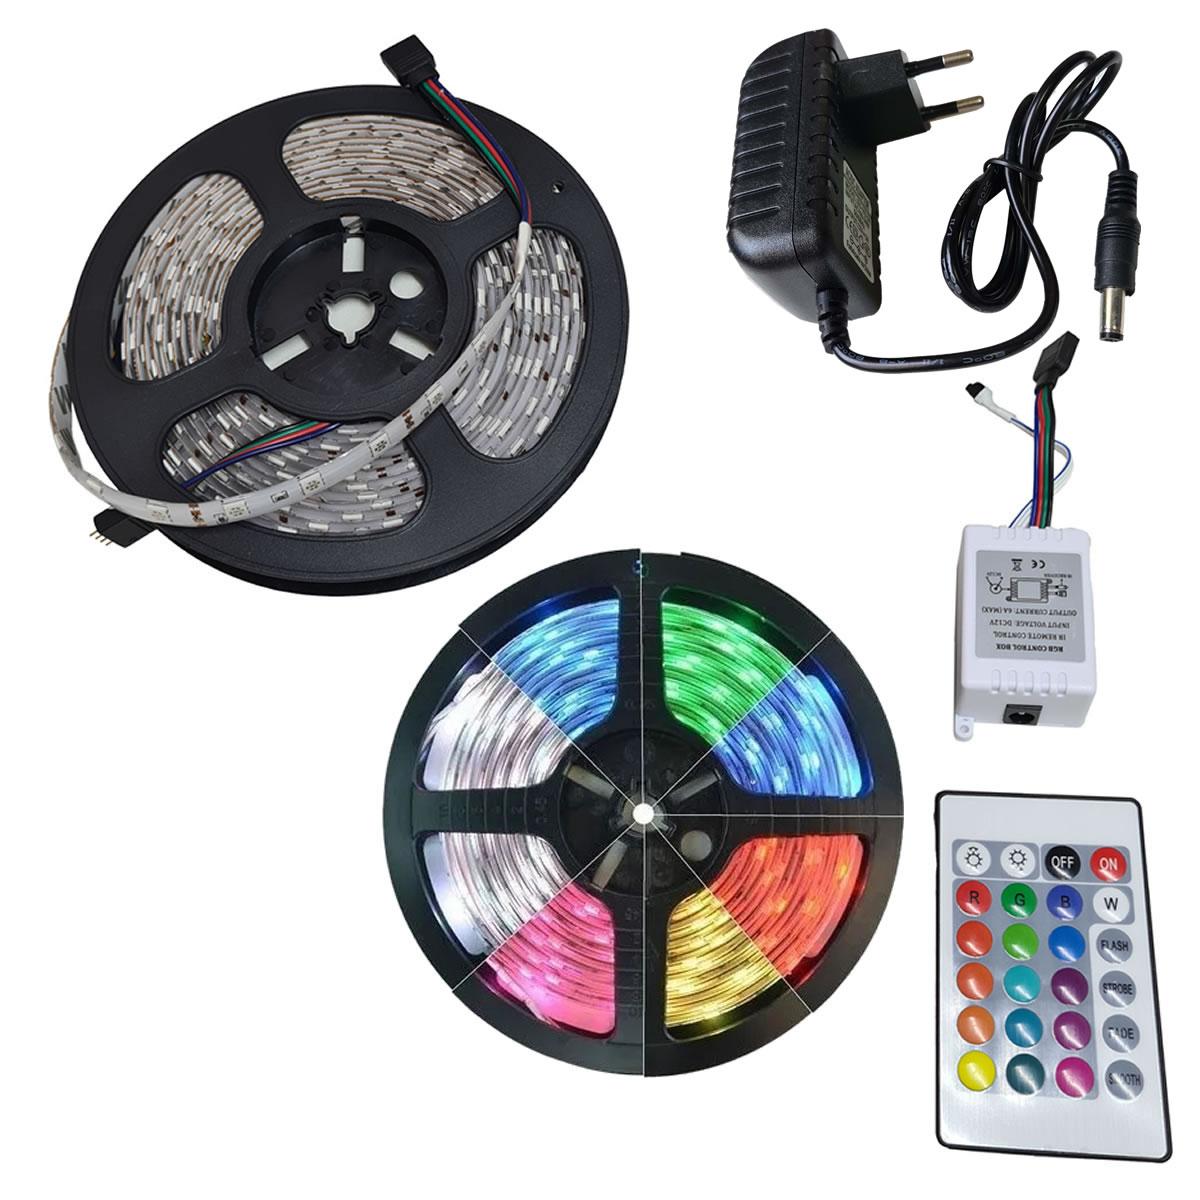 Fita LED RGB com 10 Metros Fonte 3A e Controle Remoto Proteção IP64 5050 Fonte 3A